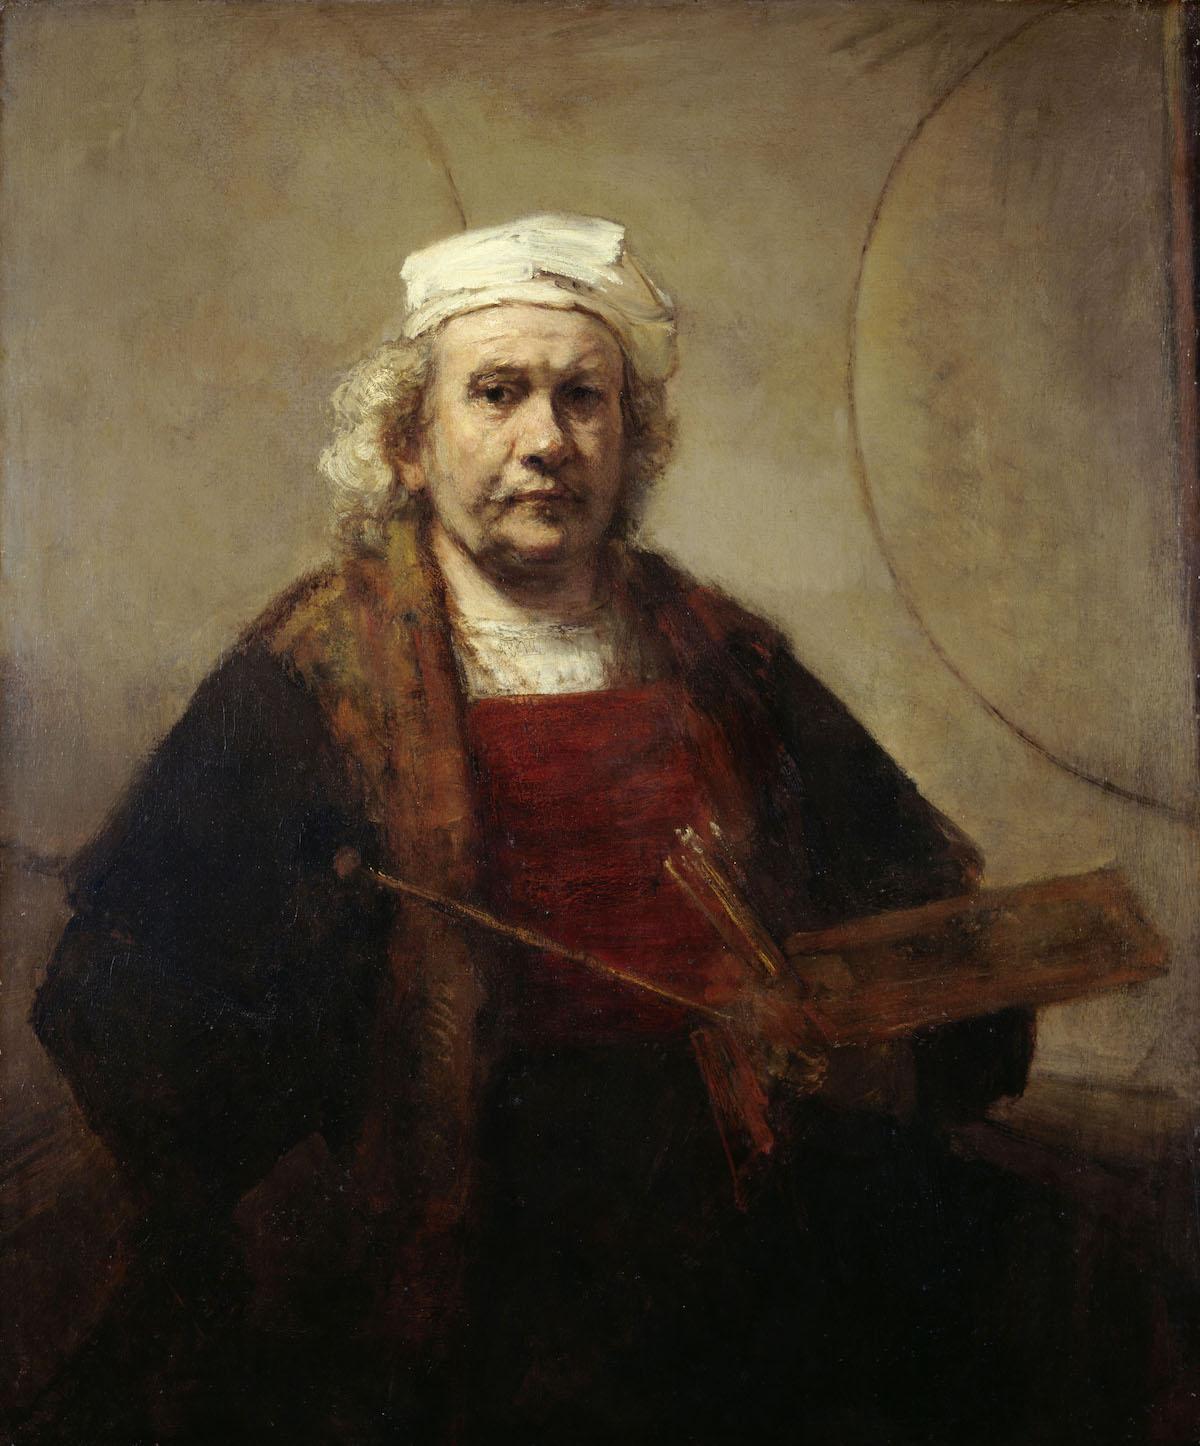 autorretrato de Rembrandt